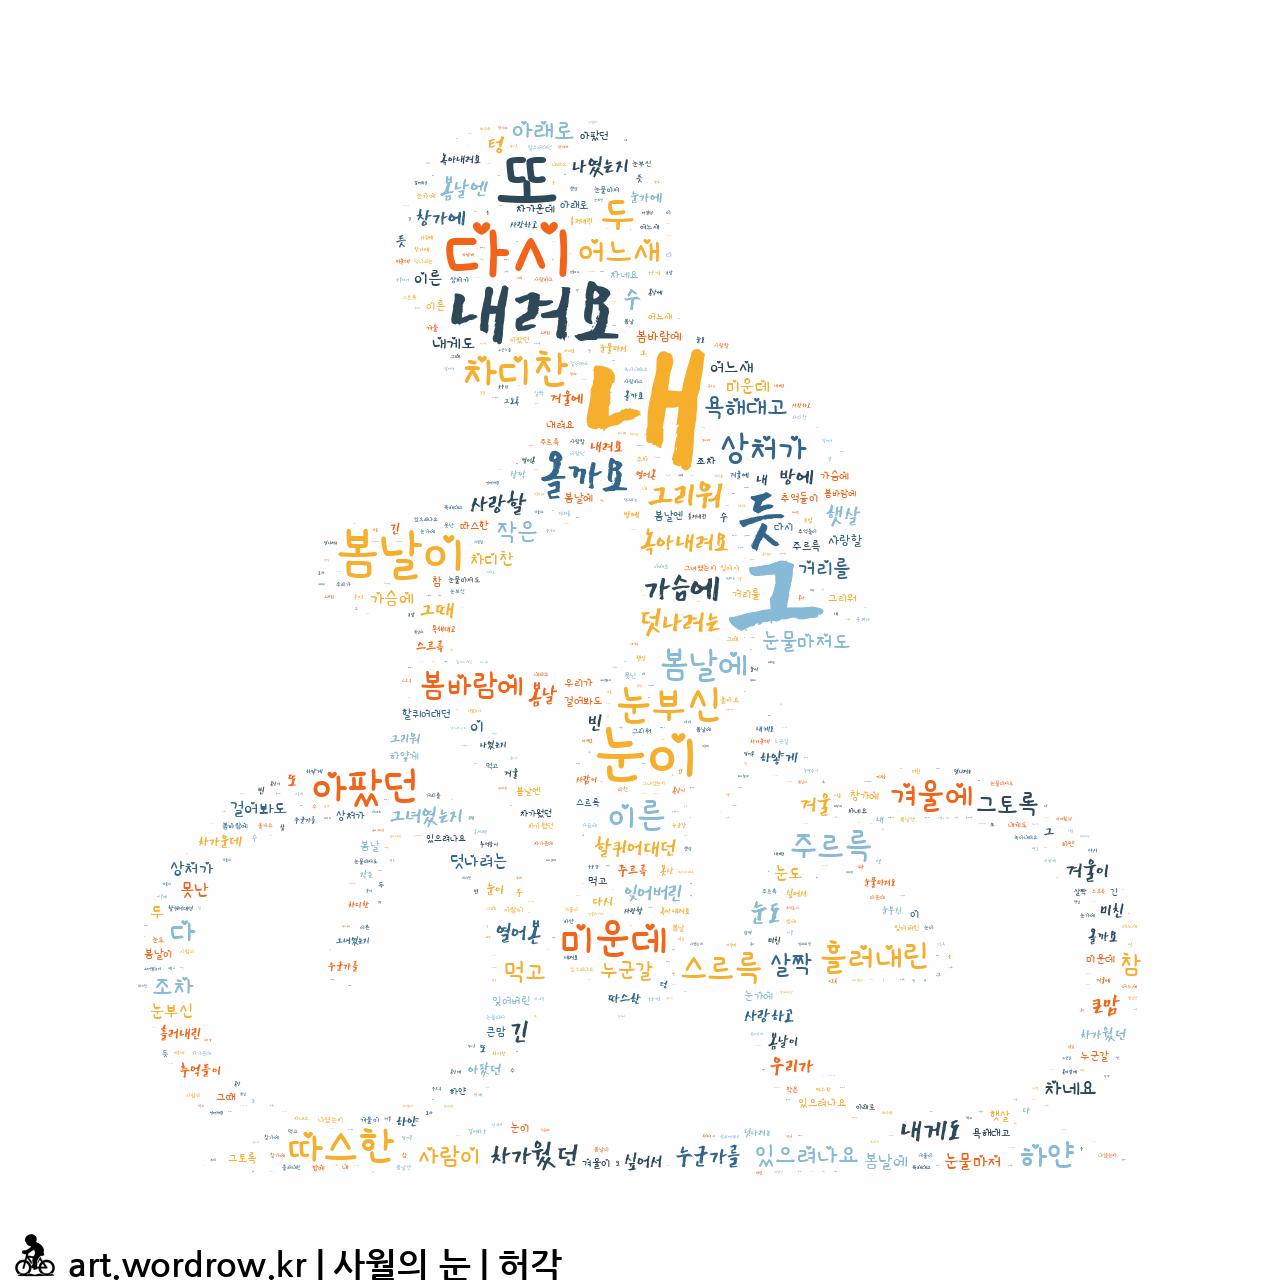 워드 클라우드: 사월의 눈 [허각]-4